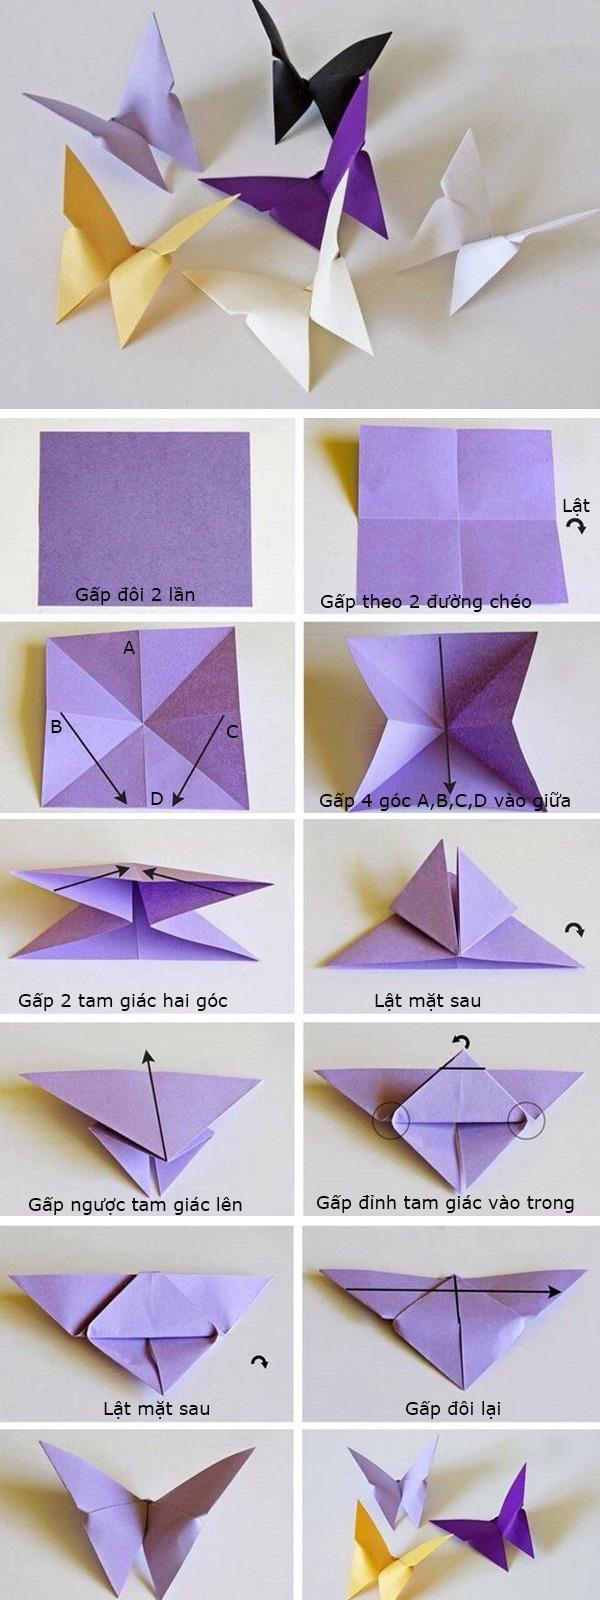 Cách gấp giấy con bướm orgami